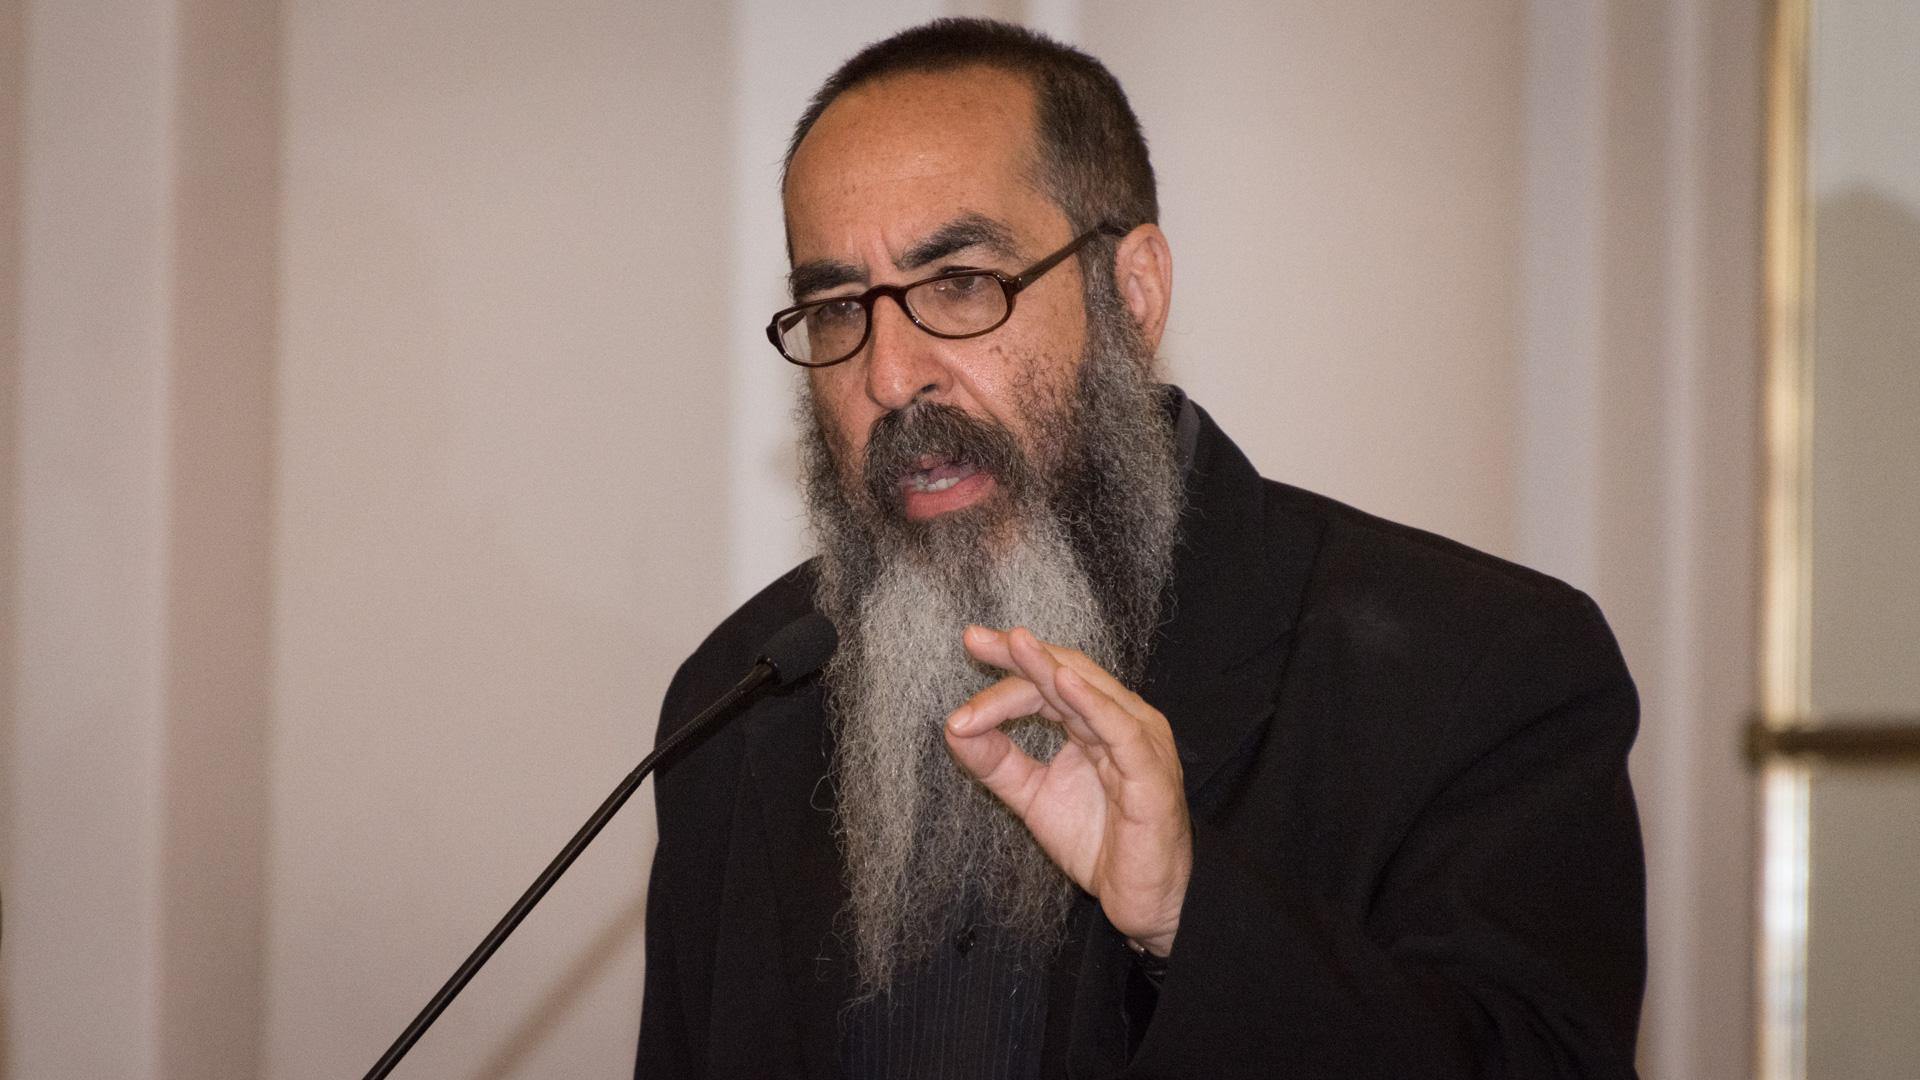 El rabino Daniel Goldman, vicepresidente segundo del Instituto de Diálogo Interreligioso y ya declarado Ciudadano Ilustre